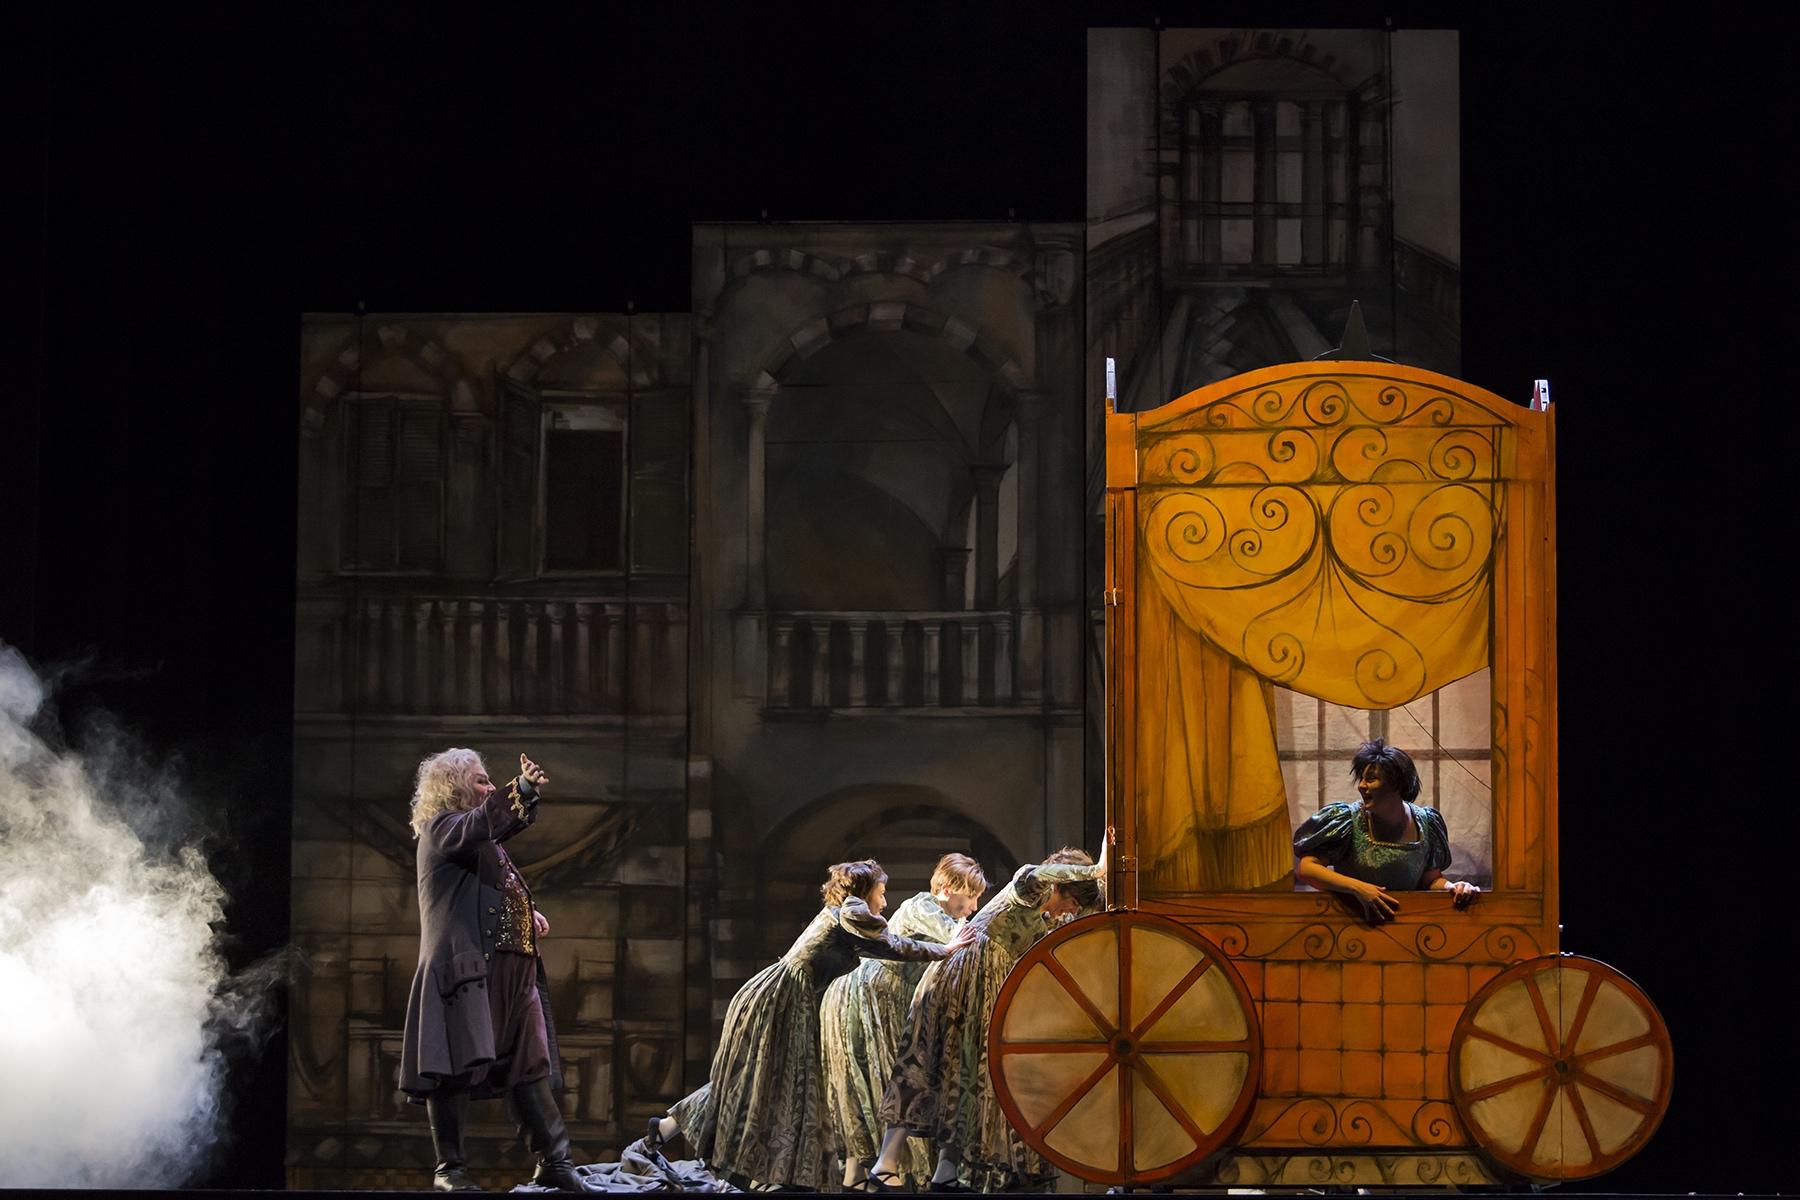 La Cenerentola, Rossini, Rossini150, Gioacchino Rossini, Rossini 150, Teatro Municipale di Piacenza, Teresa Iervolino, Cenerentola